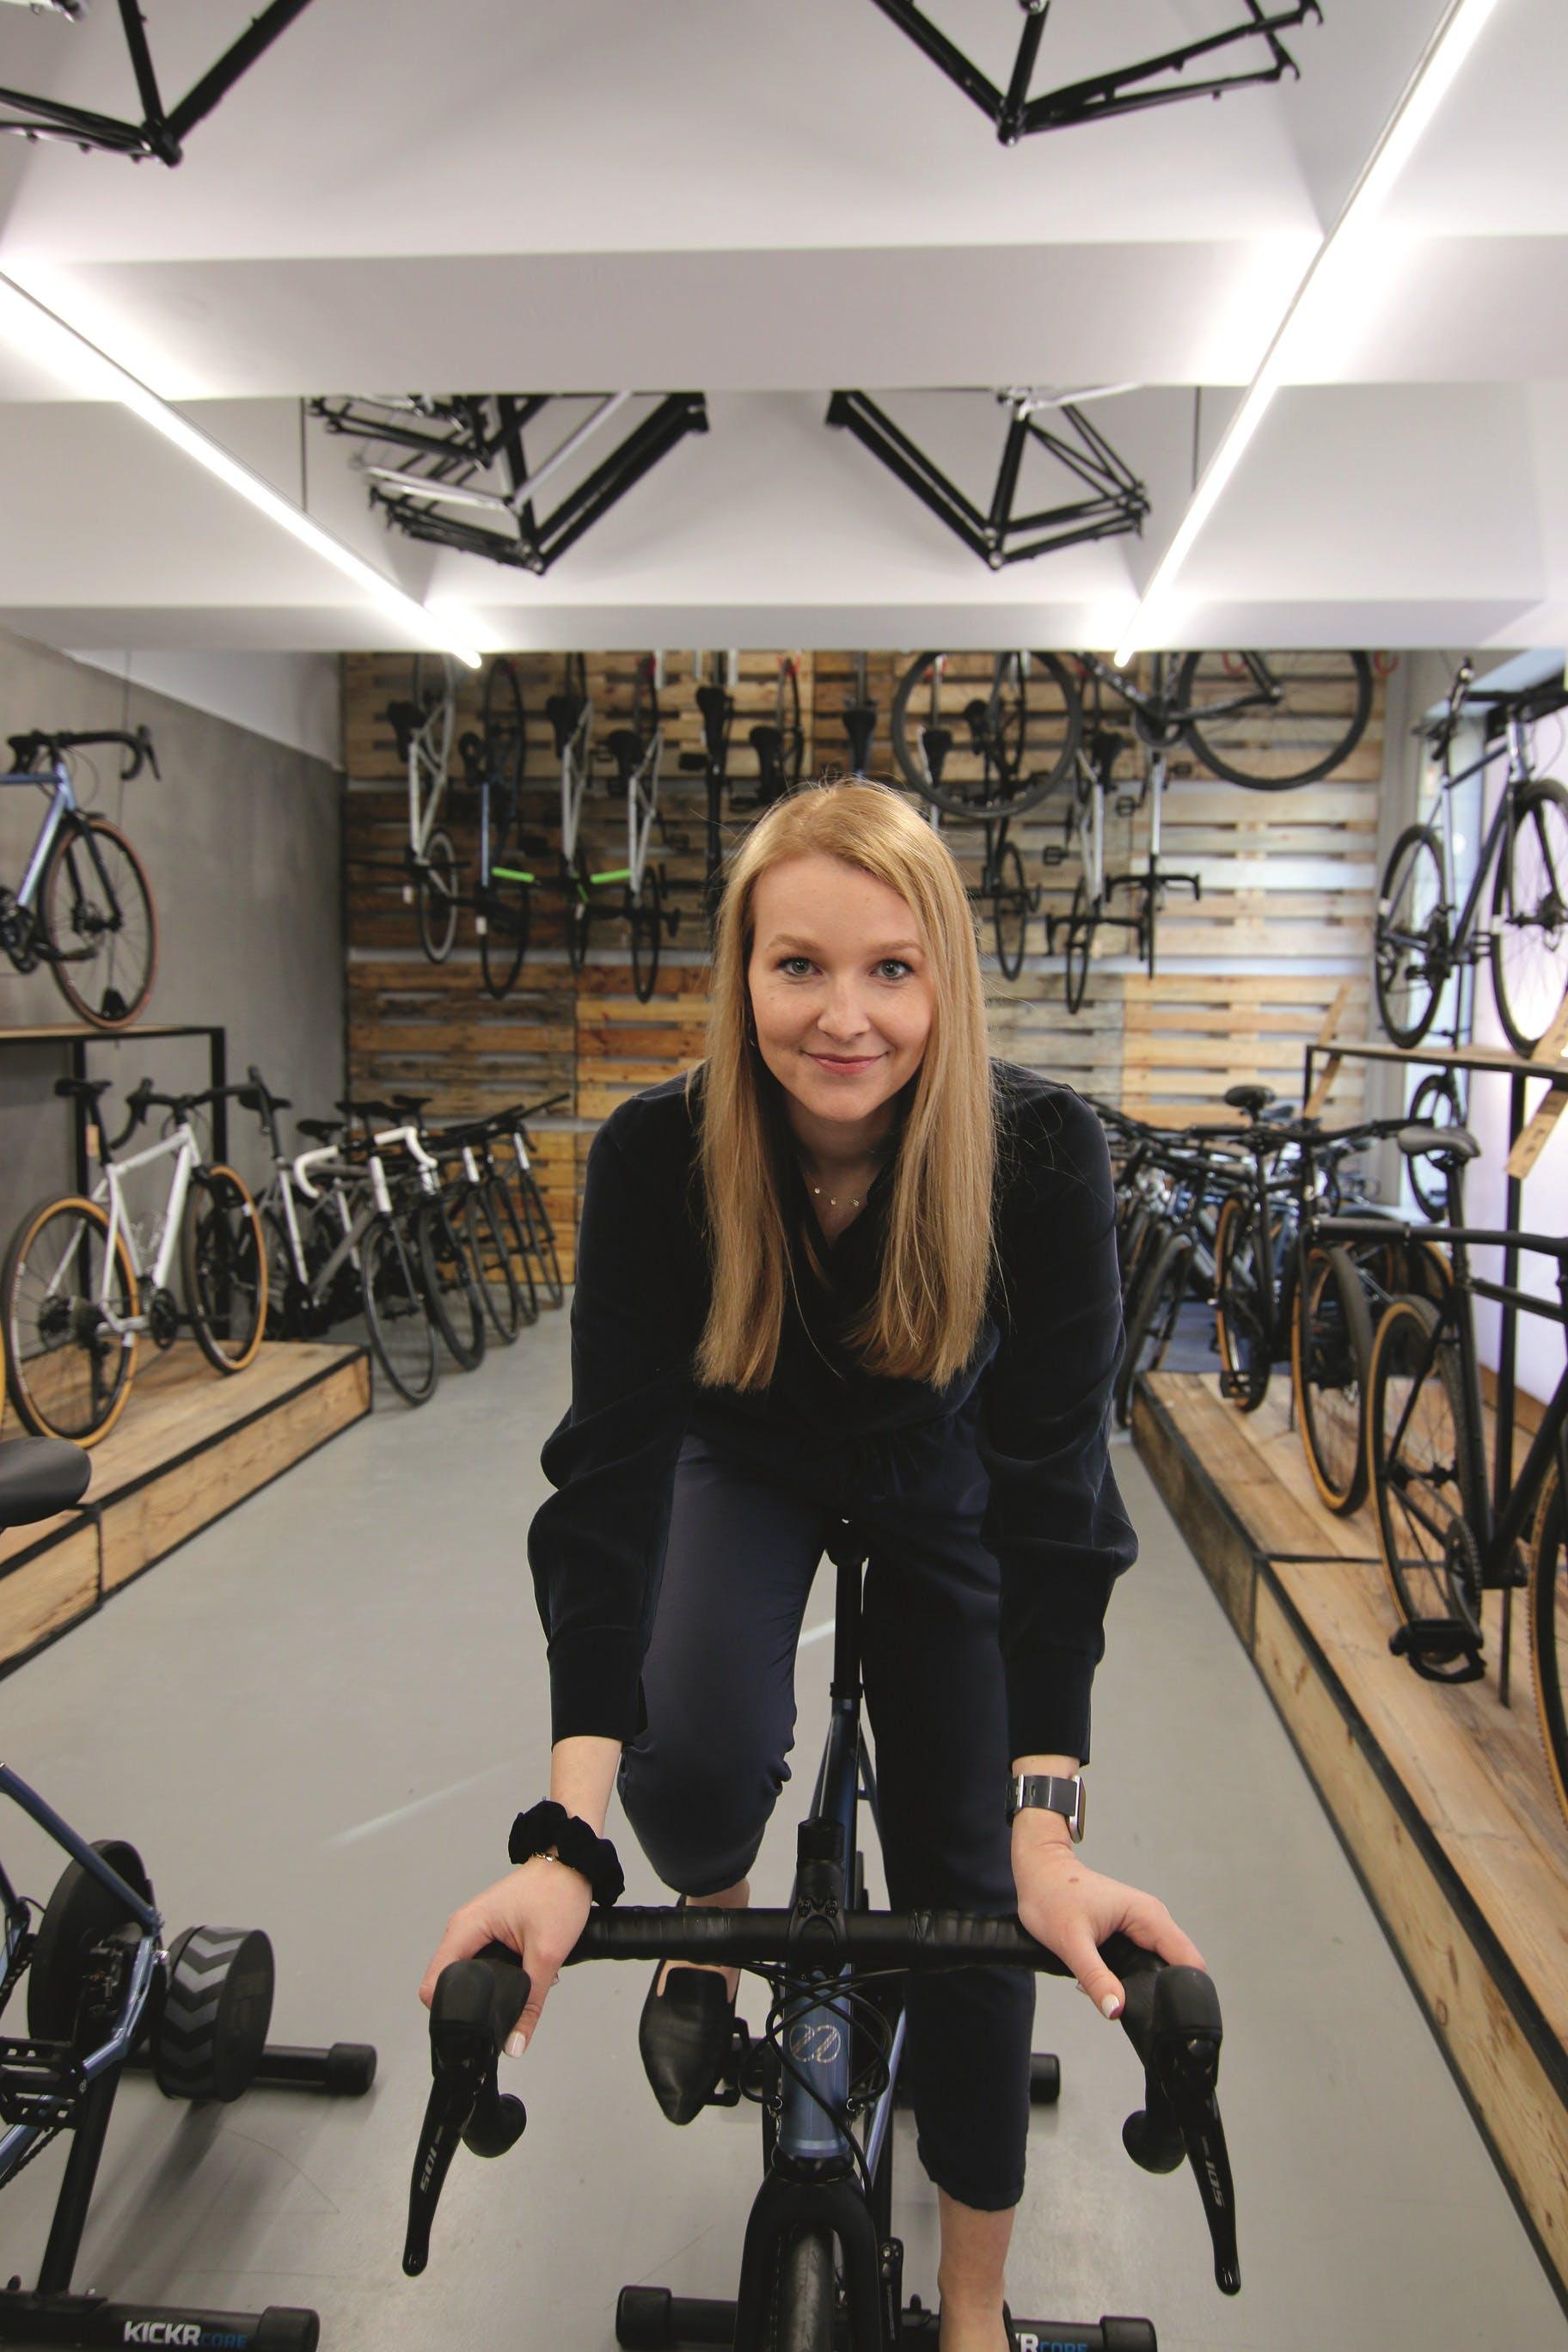 Mobilitätsexpertin und passionierte Radlerin: Martha Wanat